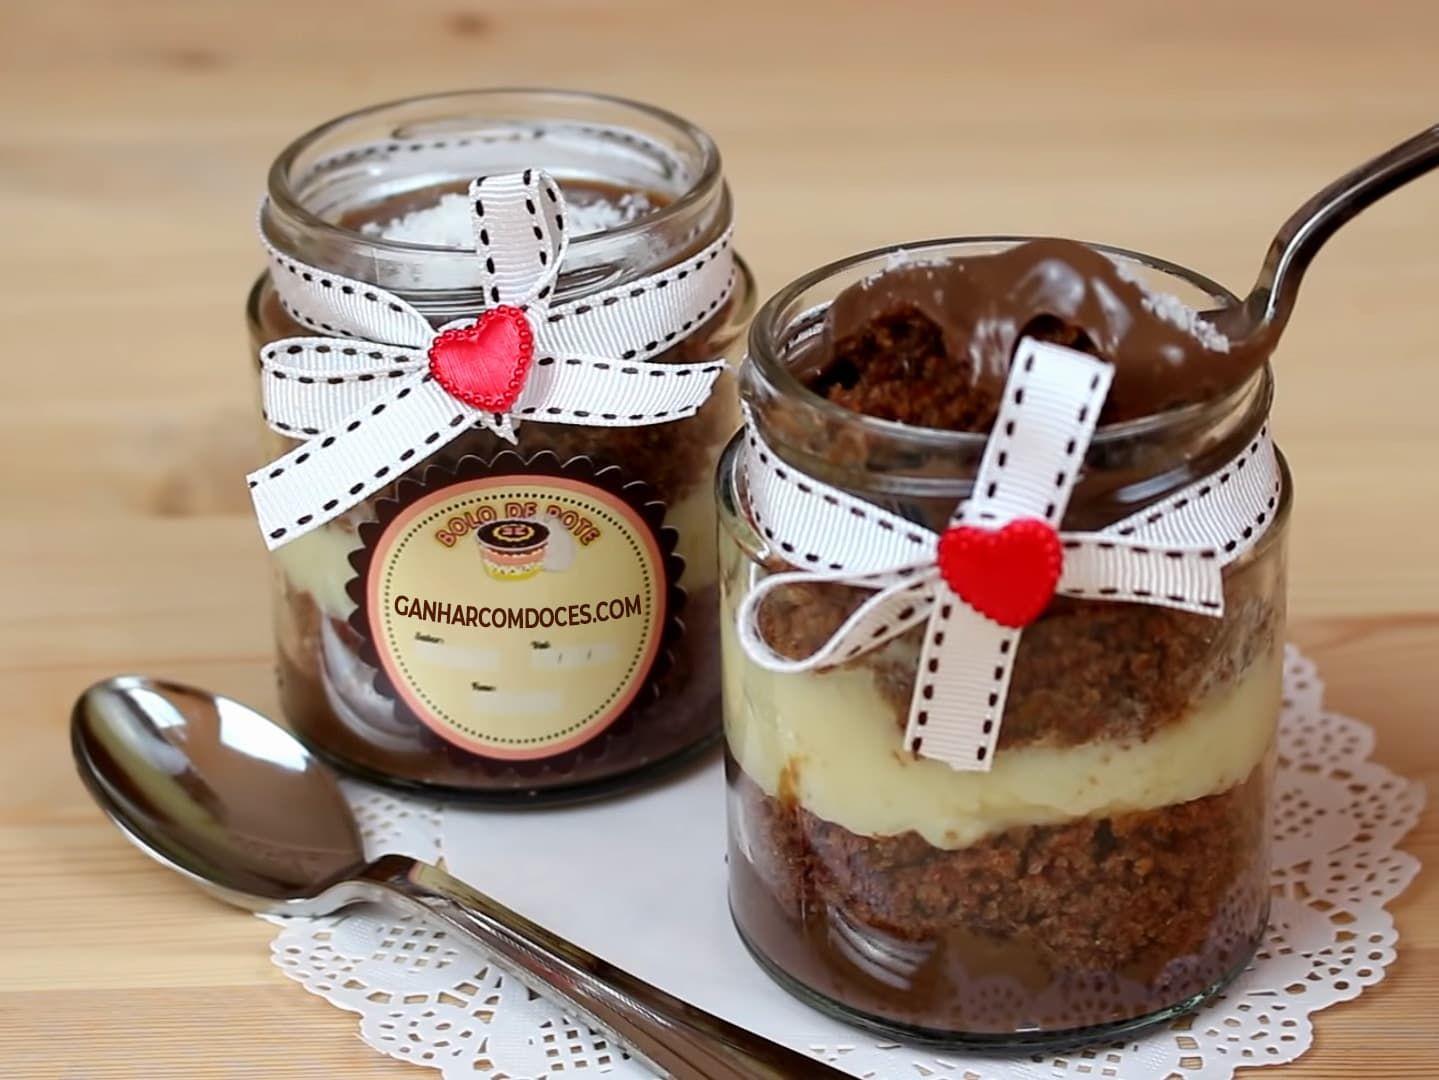 Receita De Bolo De Chocolate Com Leite Ninho No Pote Para Vender E